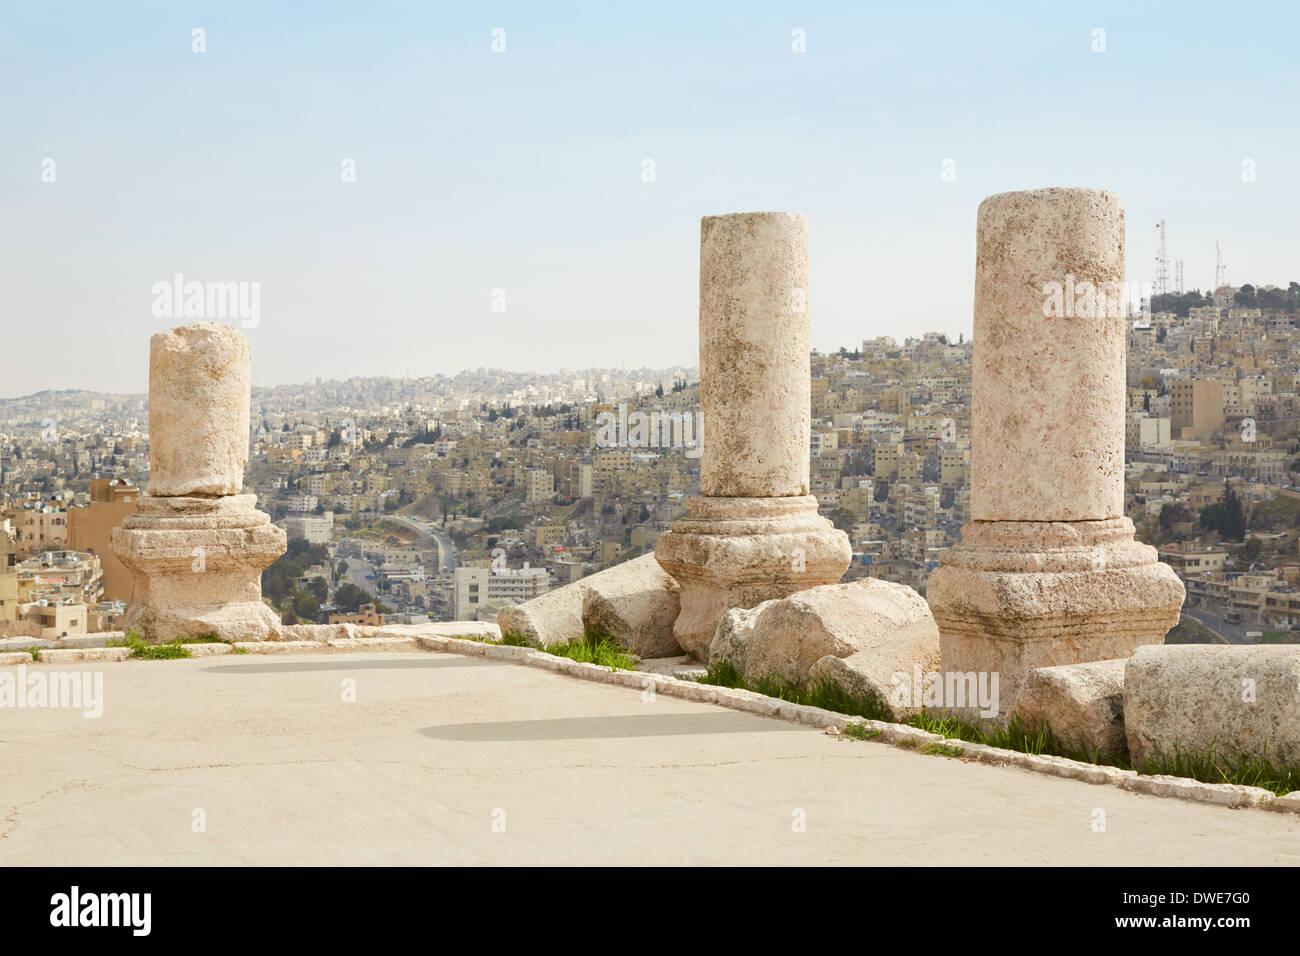 Colonnes sur la citadelle d'Amman, Jordanie, vue sur la ville Photo Stock